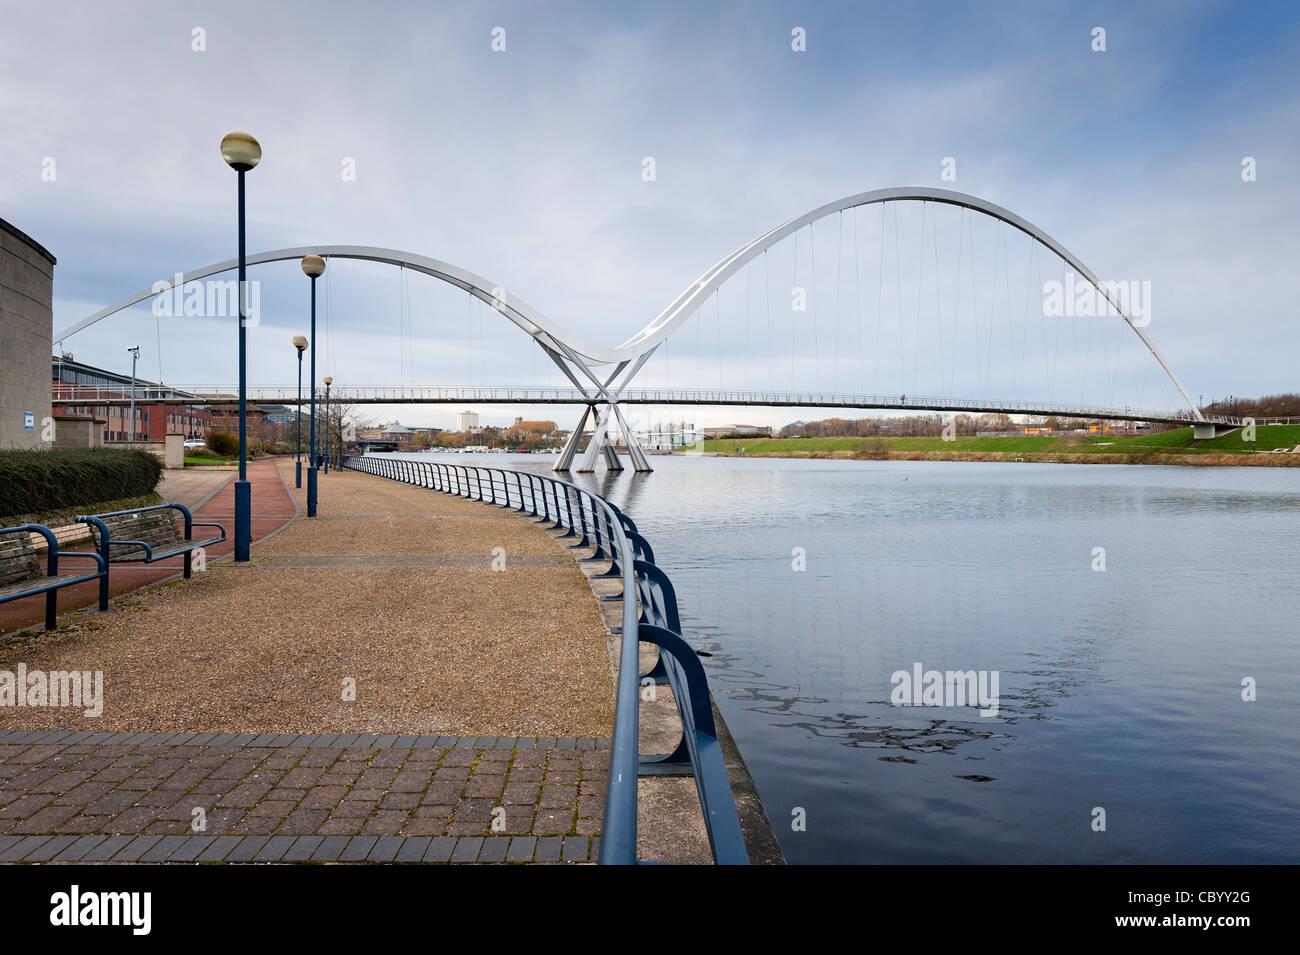 Teeside Infinity Bridge Stock Photo